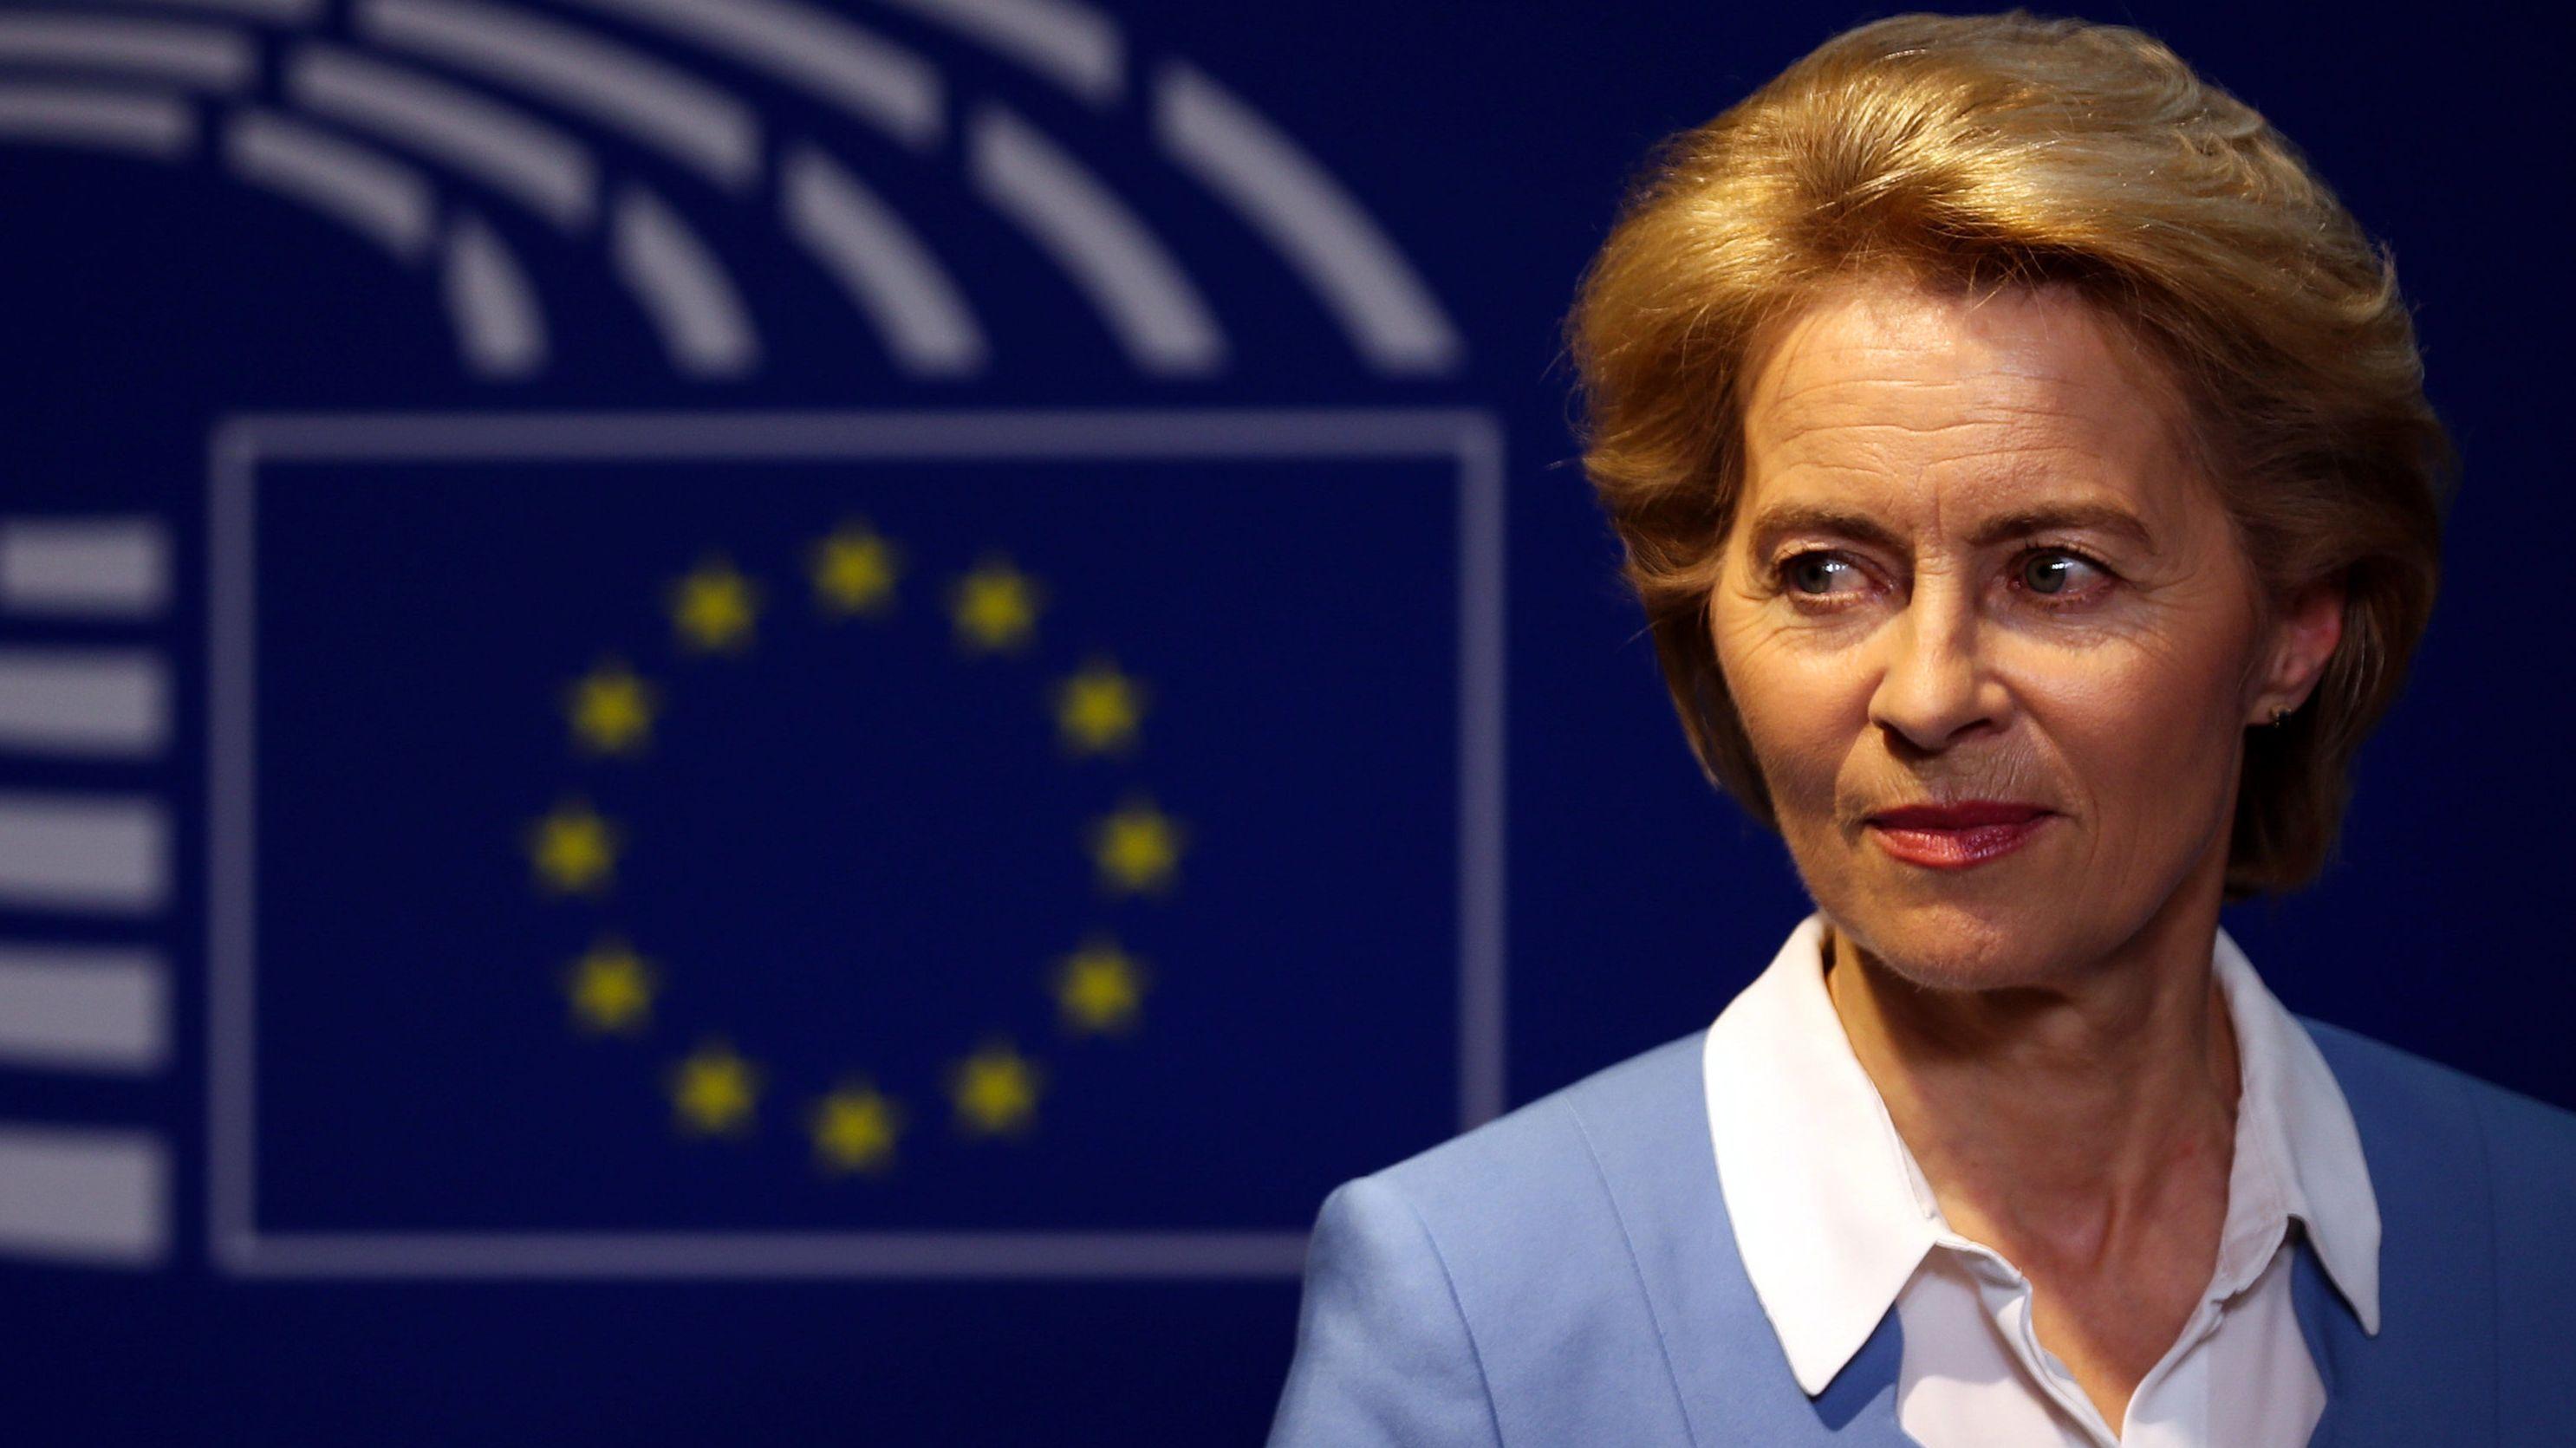 Ursula von der Leyen will die EU-Kommission paritätisch besetzen